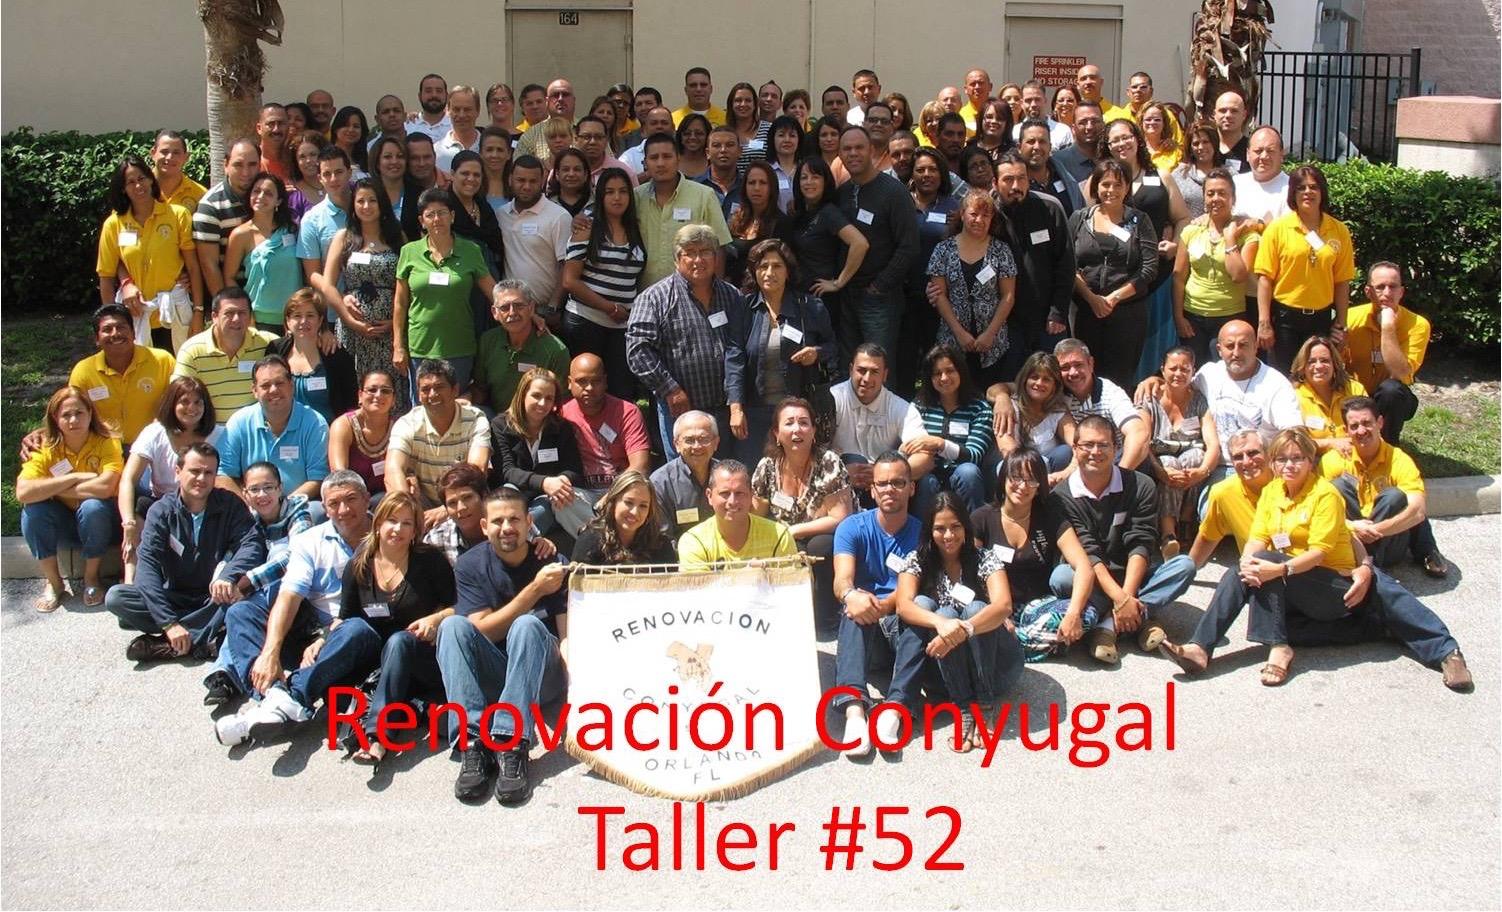 Taller #52